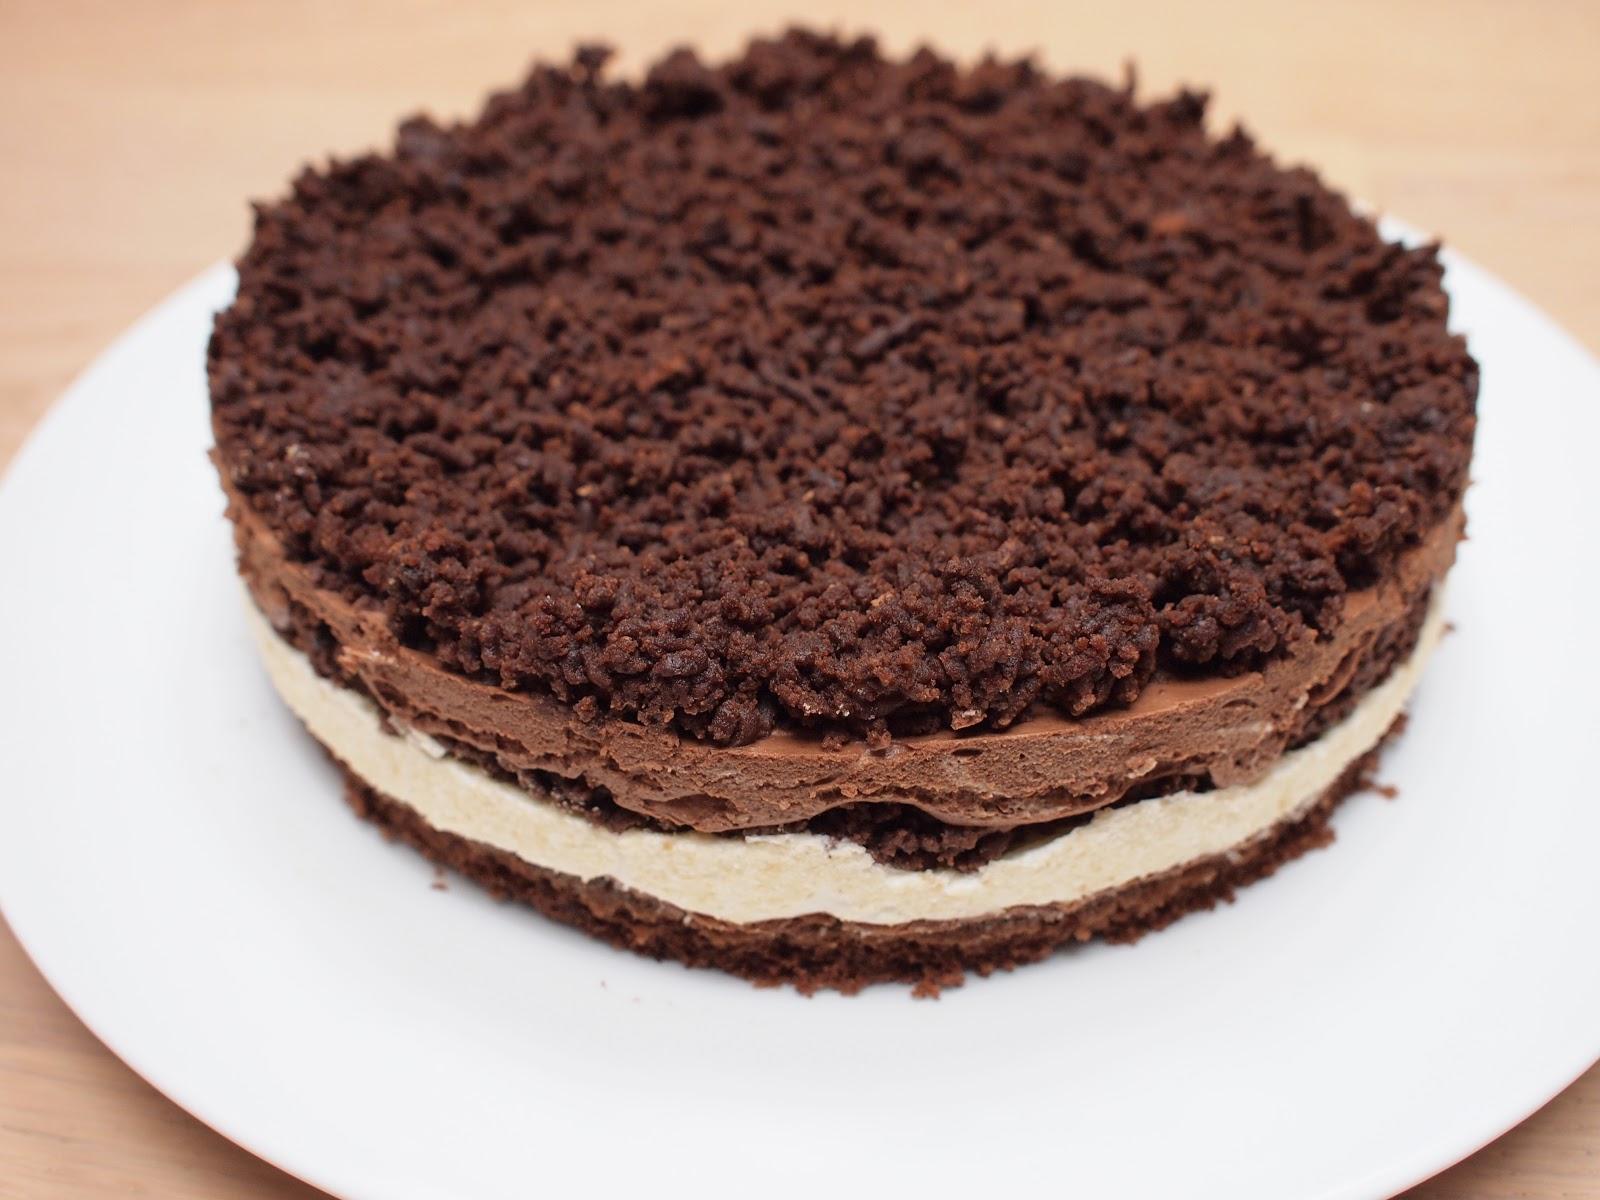 dort k narozeninám recept Zápisky Kačky Žvýkačky: Nejlepší dort na světě dort k narozeninám recept